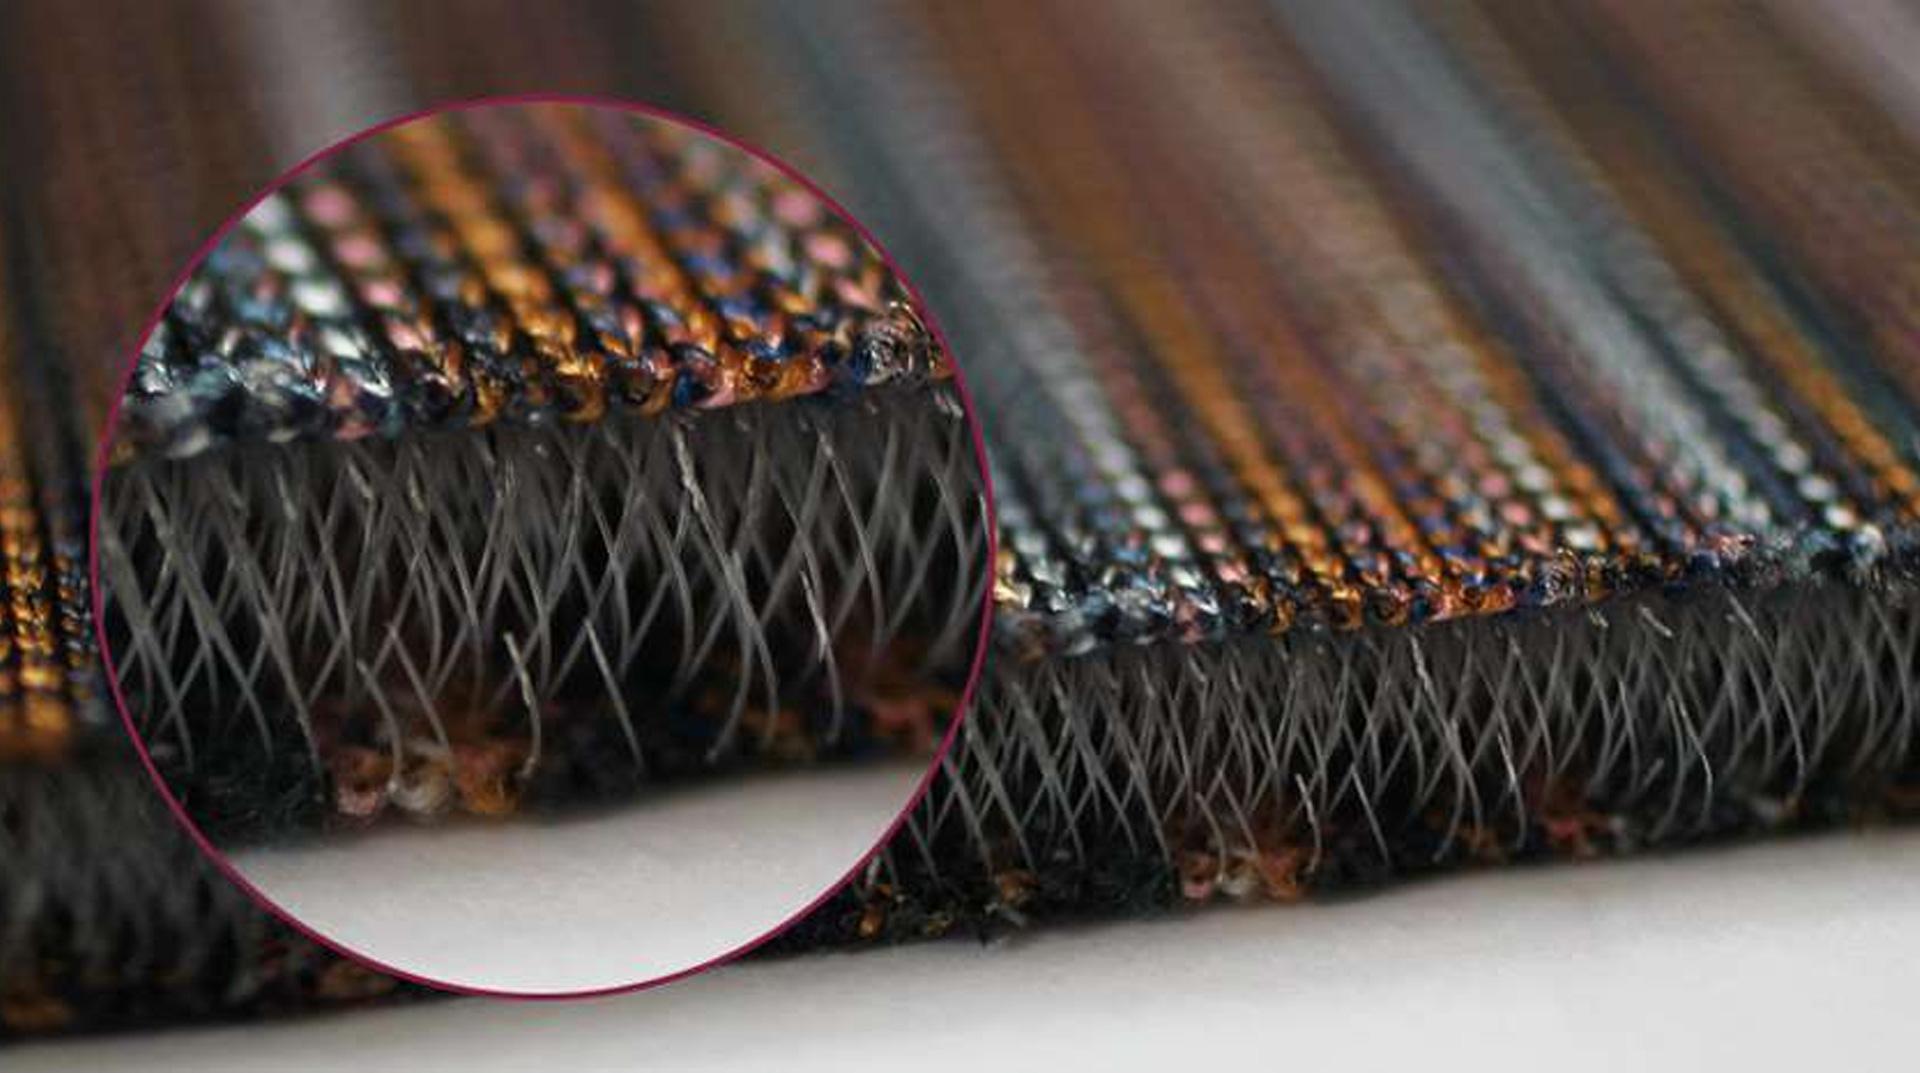 Makroaufnahme 3D-Textilien